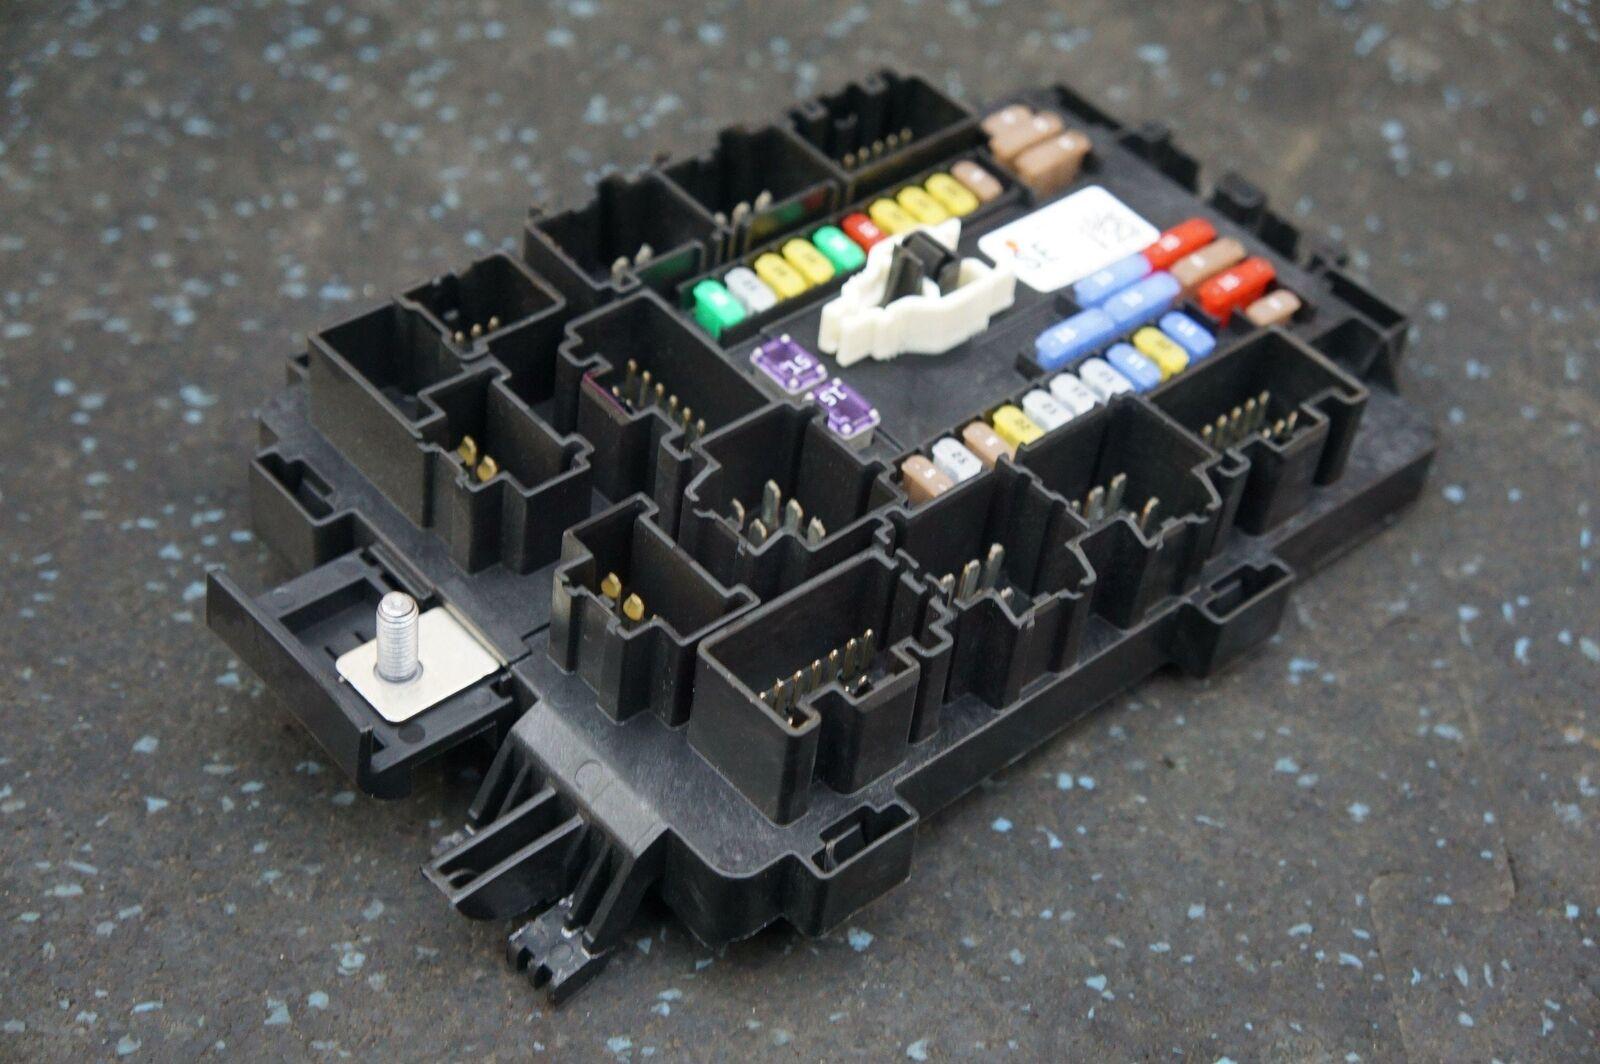 fuse box control module ecu ecm 1094409 00 e oem tesla model s 2018 cadillac fuse box 103440901c fuse box control module bcm